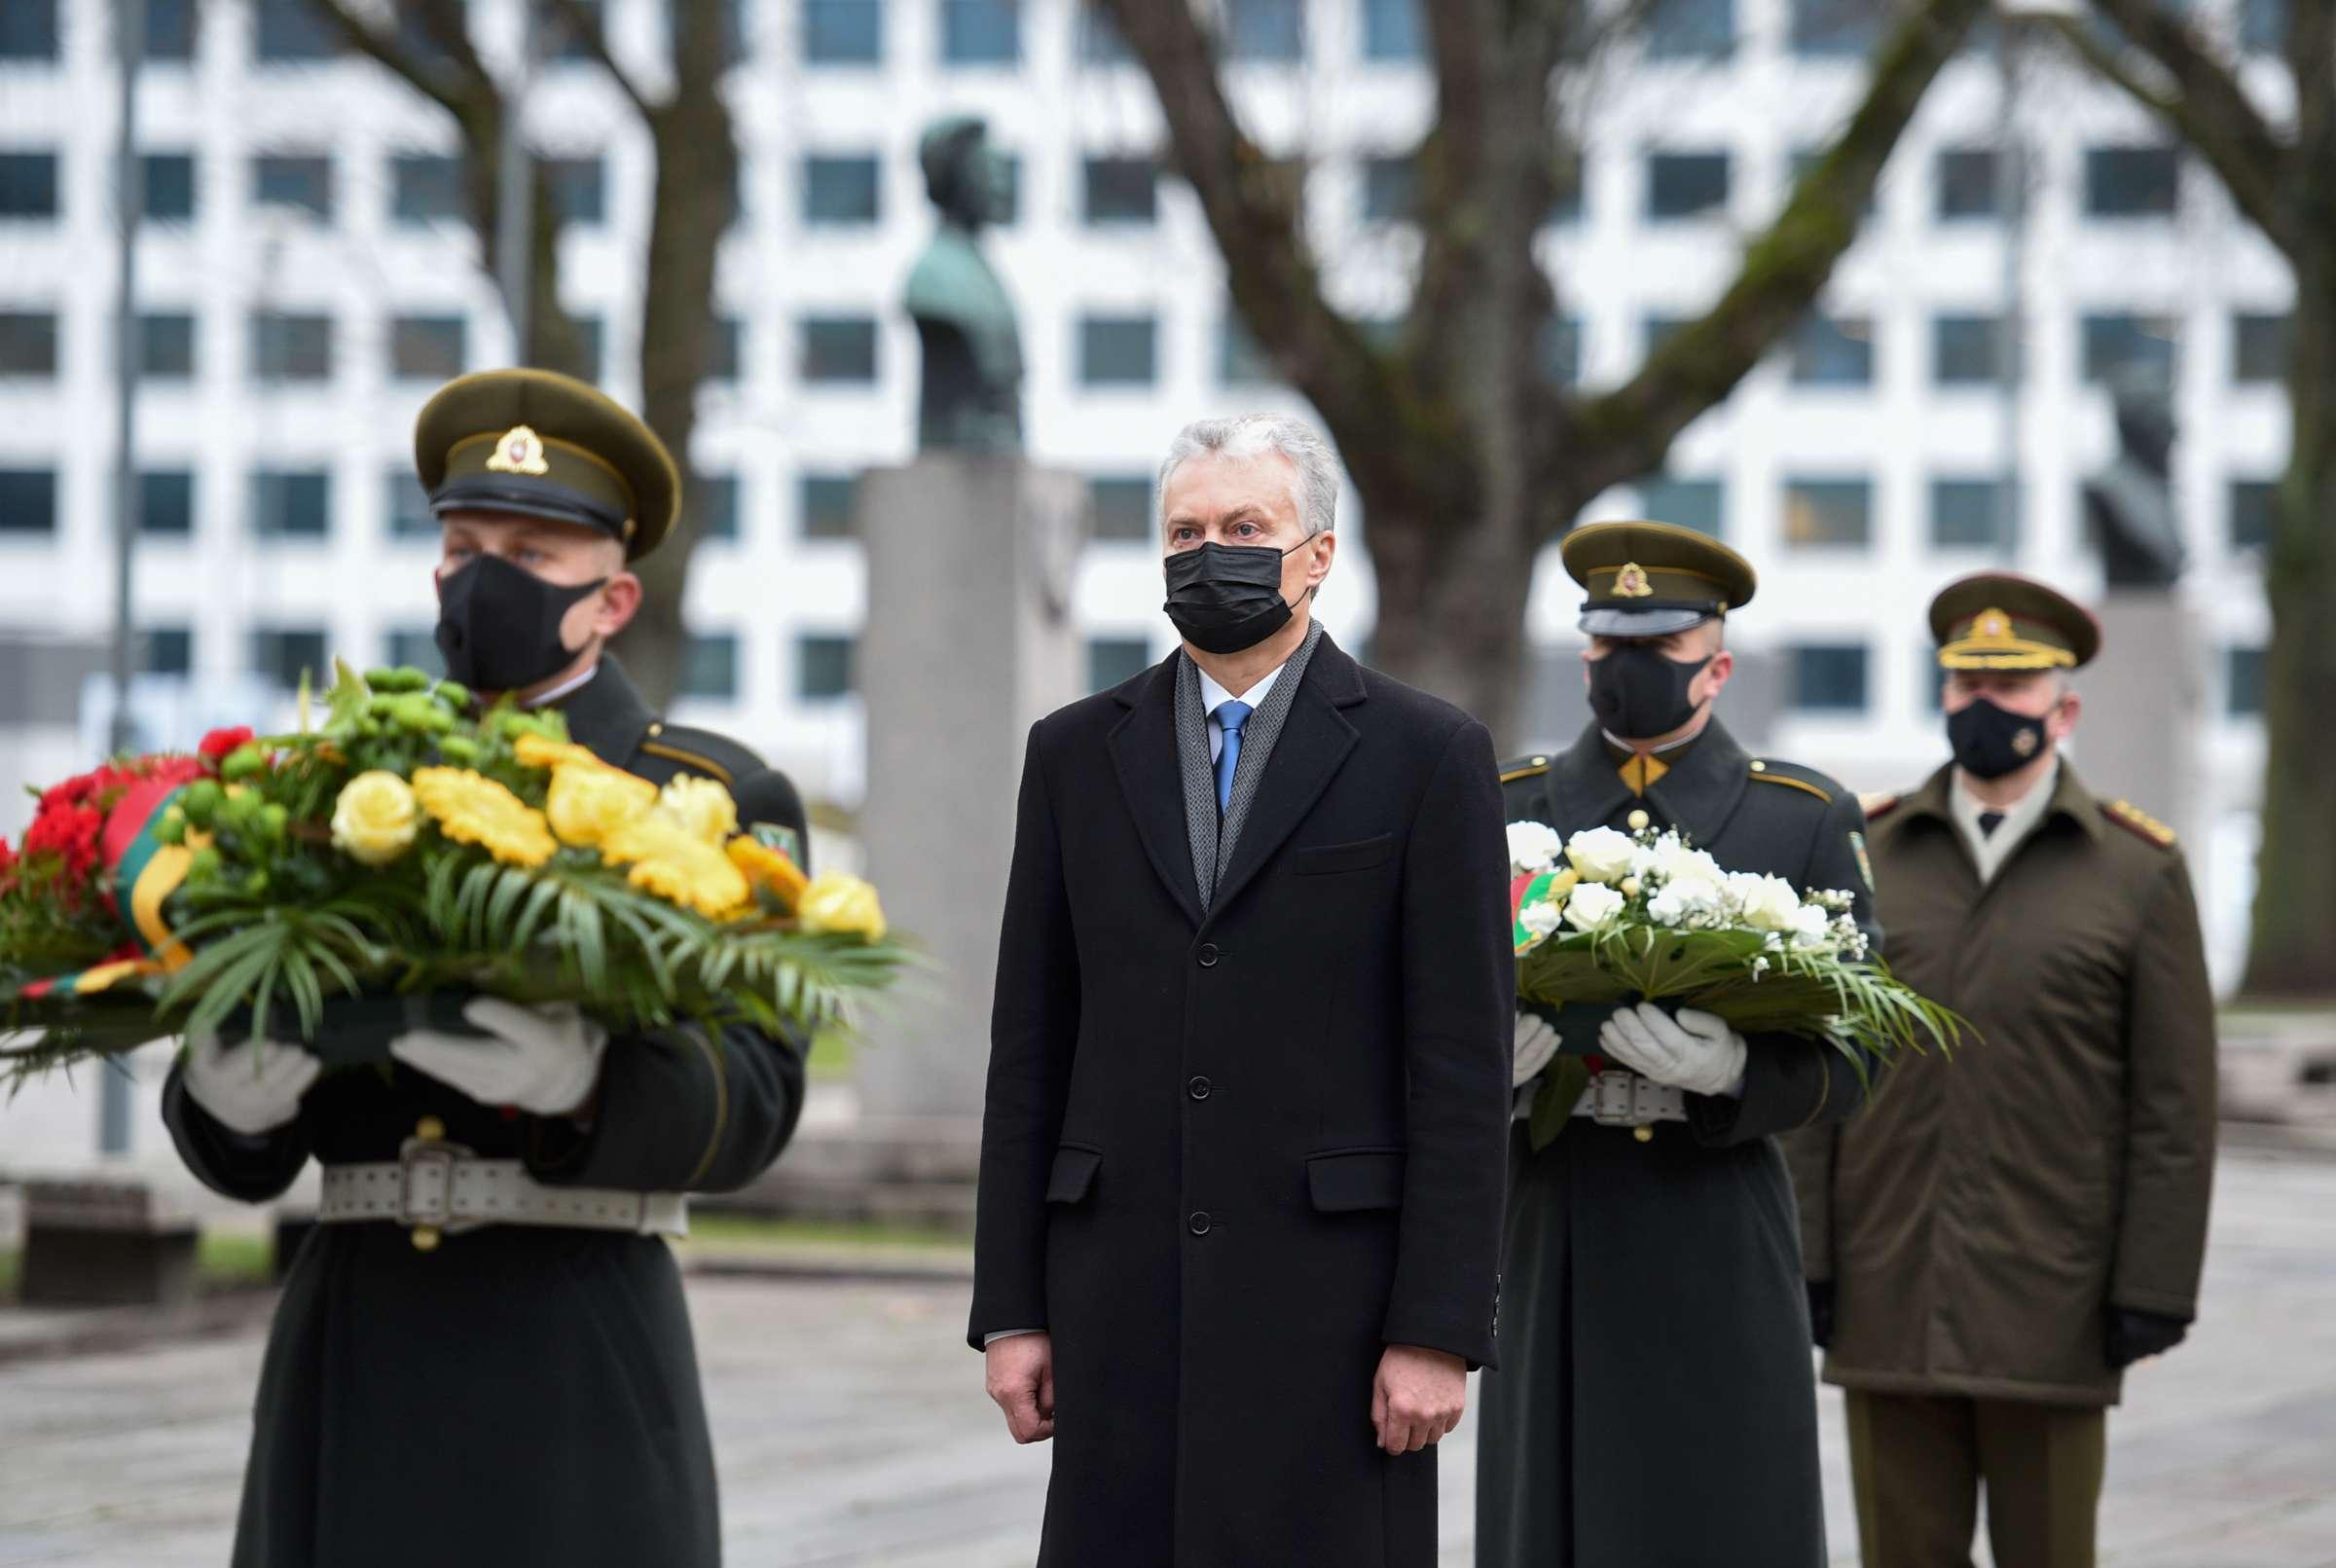 Dedamos gėlės ant Nežinomo kareivio kapo Kaune nuo Lietuvos Prezidento | lrp.lt, R. Dačkaus nuotr.